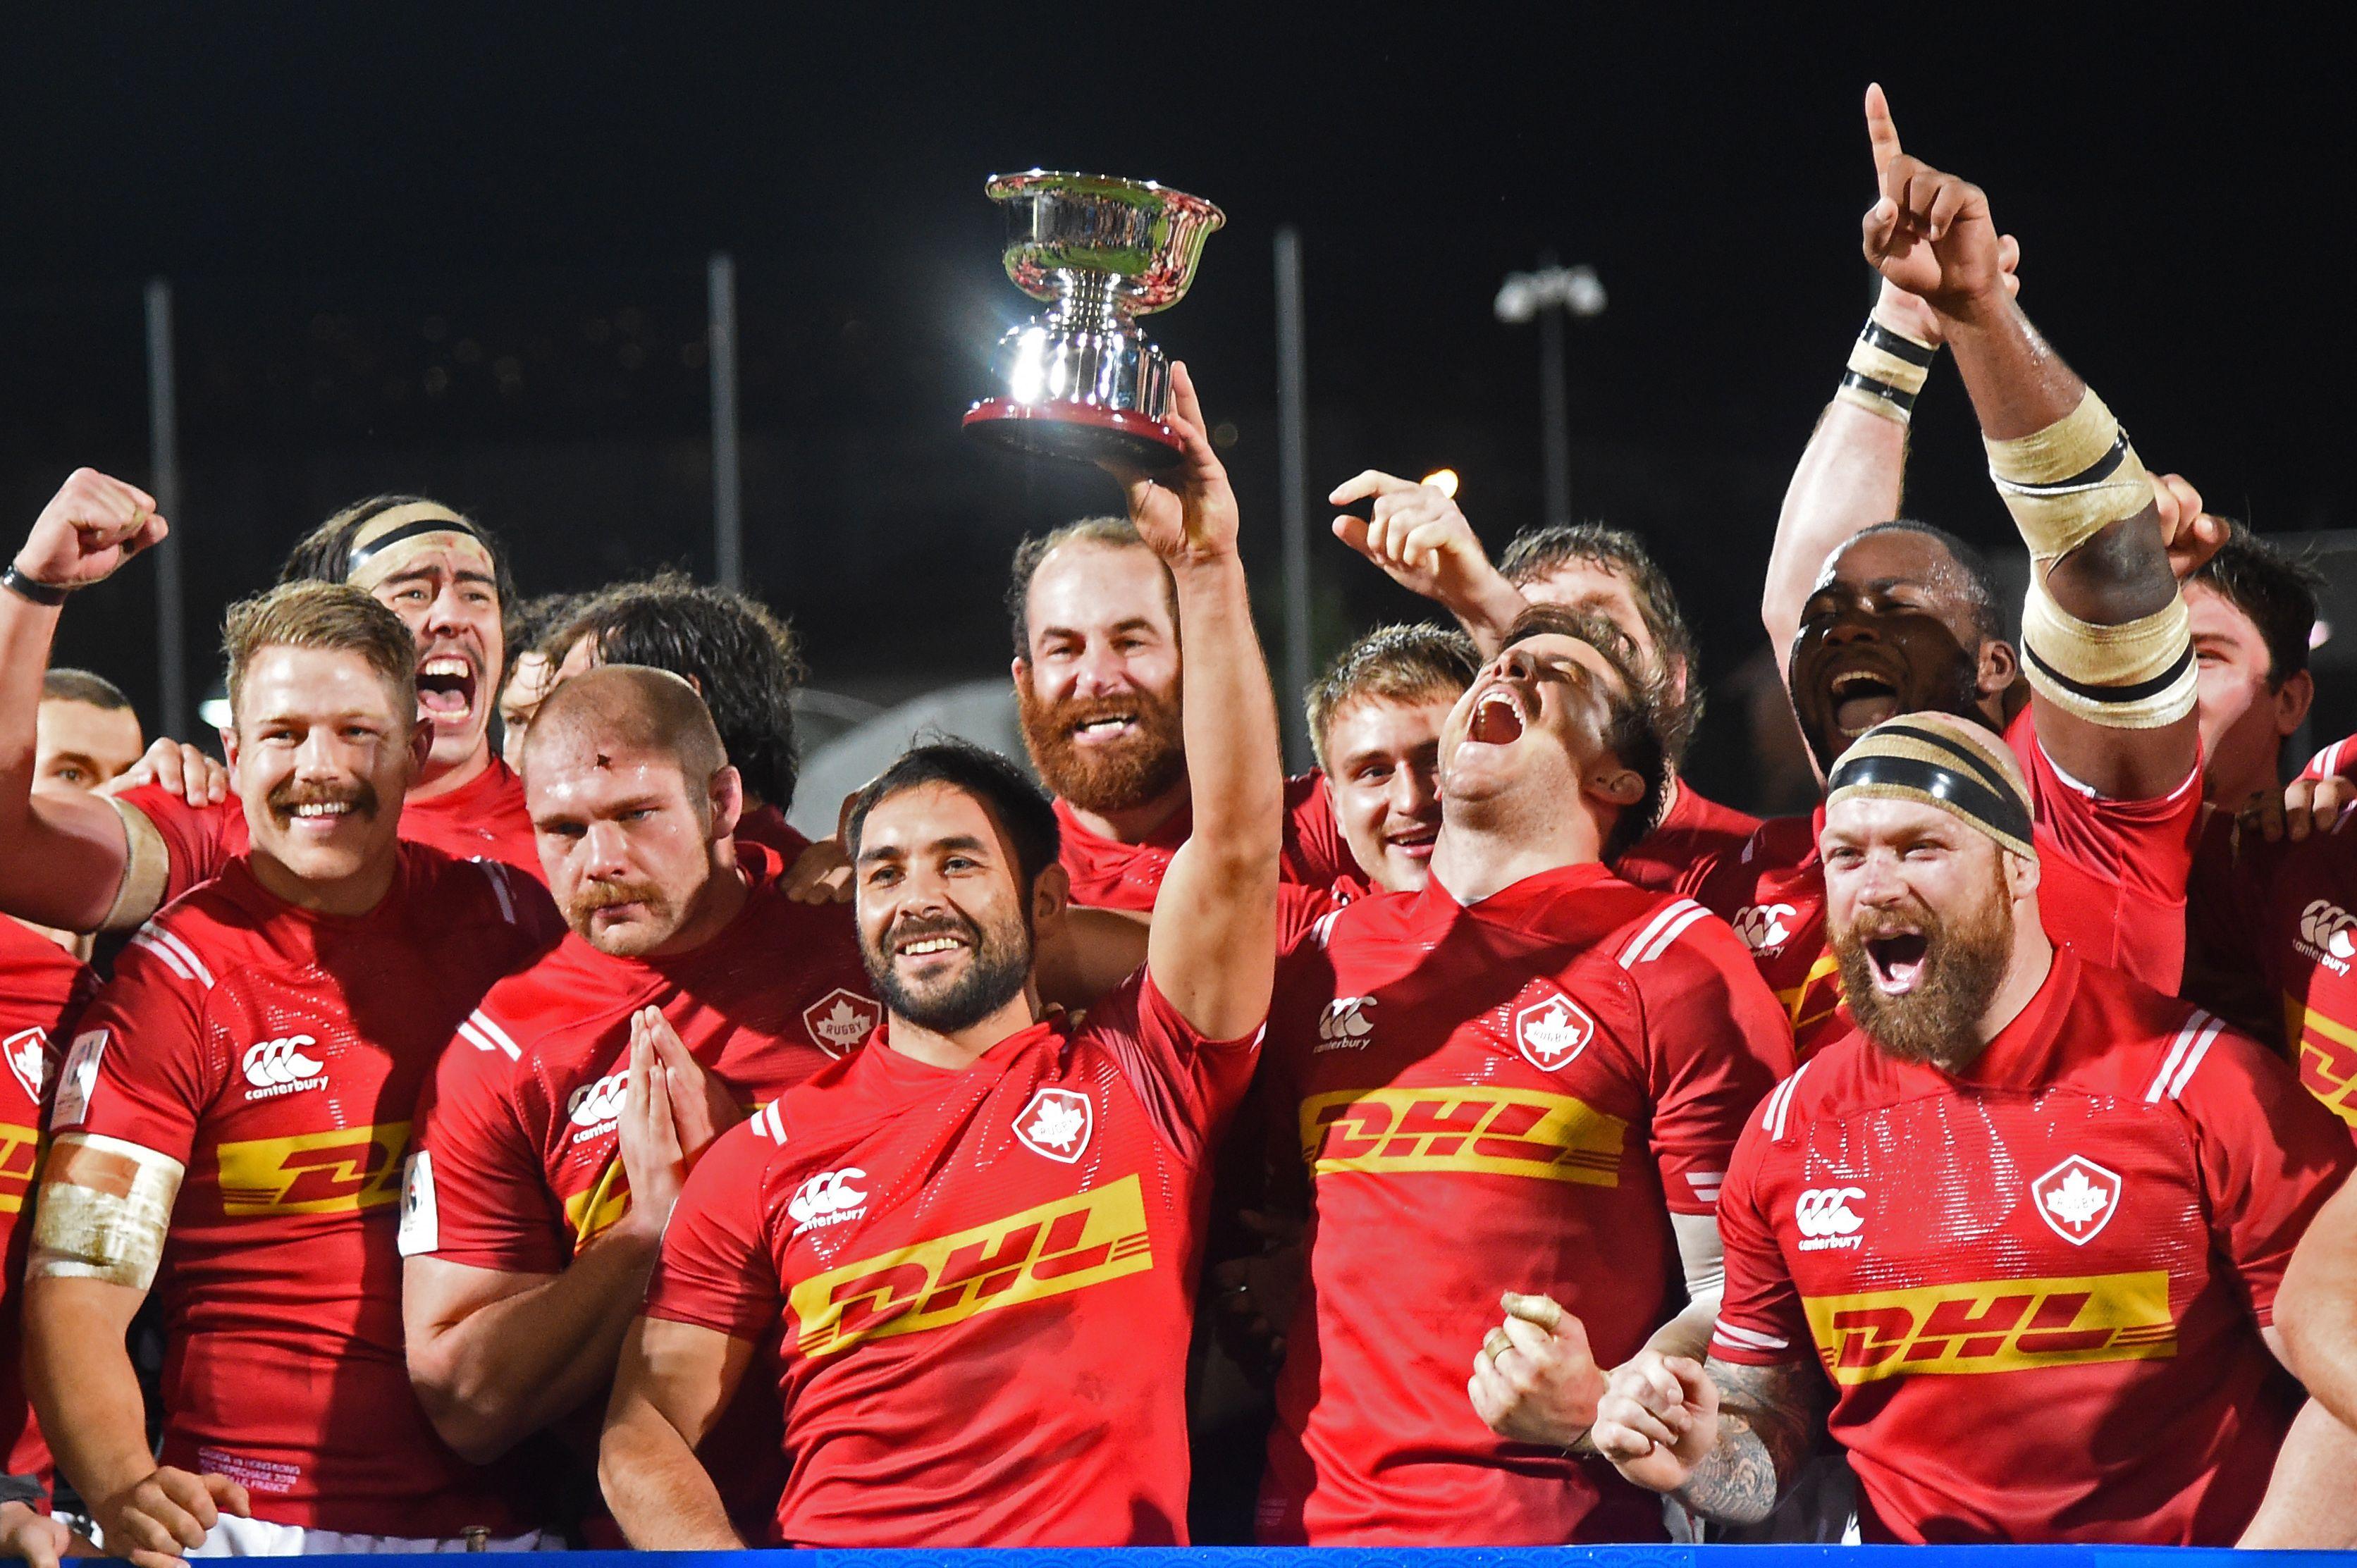 Le canada dernier qualifi pour la coupe du monde coupe du monde 2019 rugby - Resultats coupe du monde handball ...